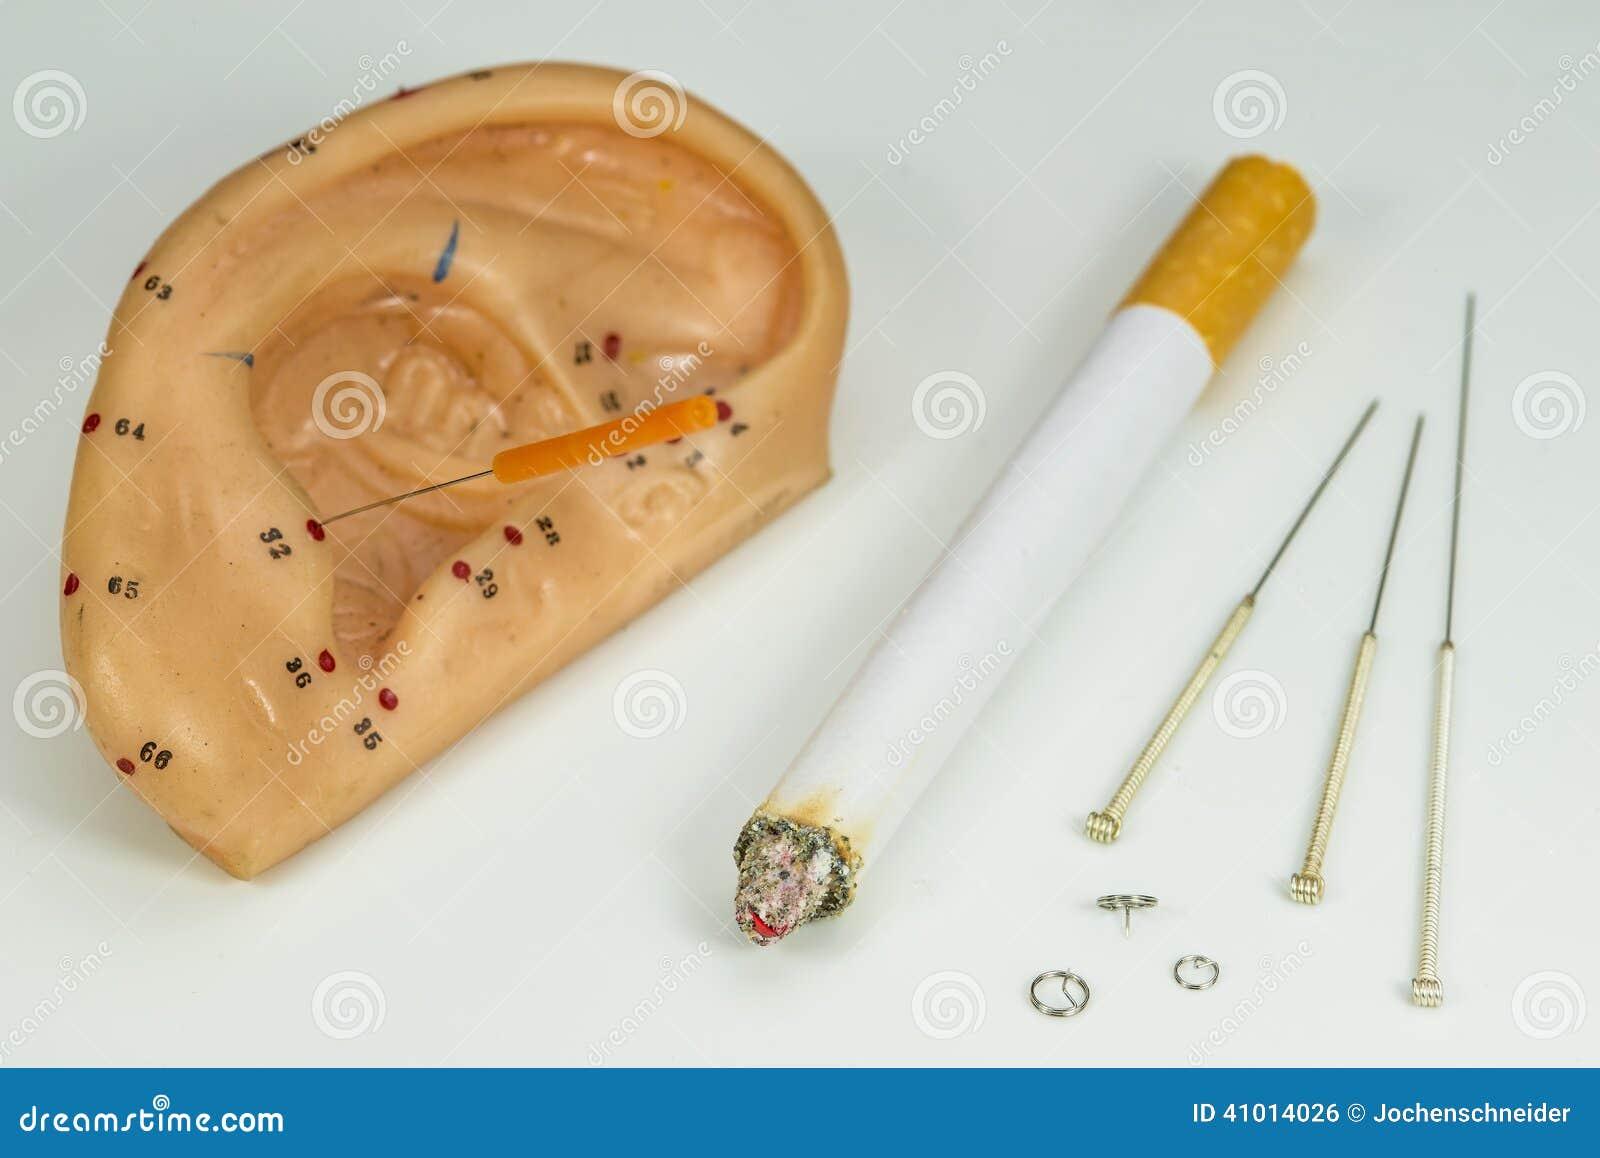 Agopuntura per smettere di fumare - dipendenza-da-nicotina.segnostampa.com